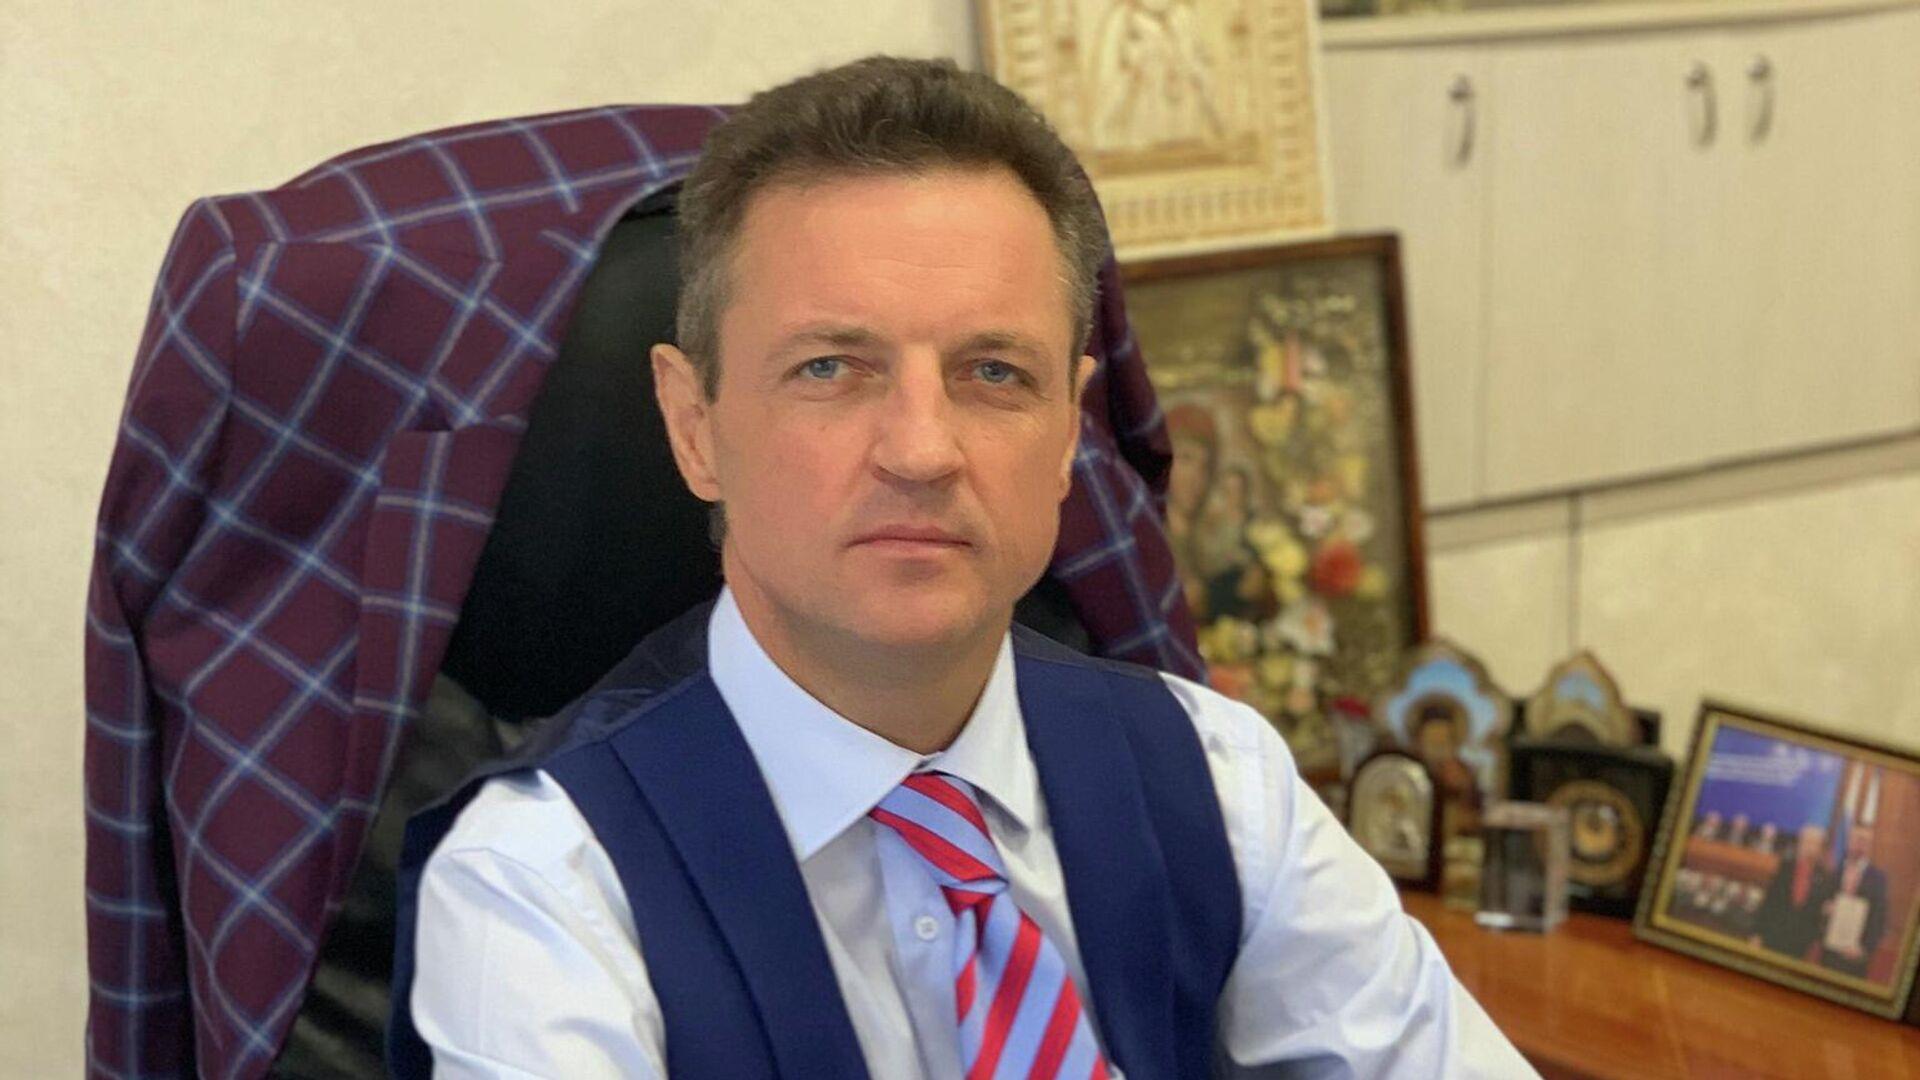 Министр здравоохранения Крыма Александр Остапенко - РИА Новости, 1920, 29.09.2021